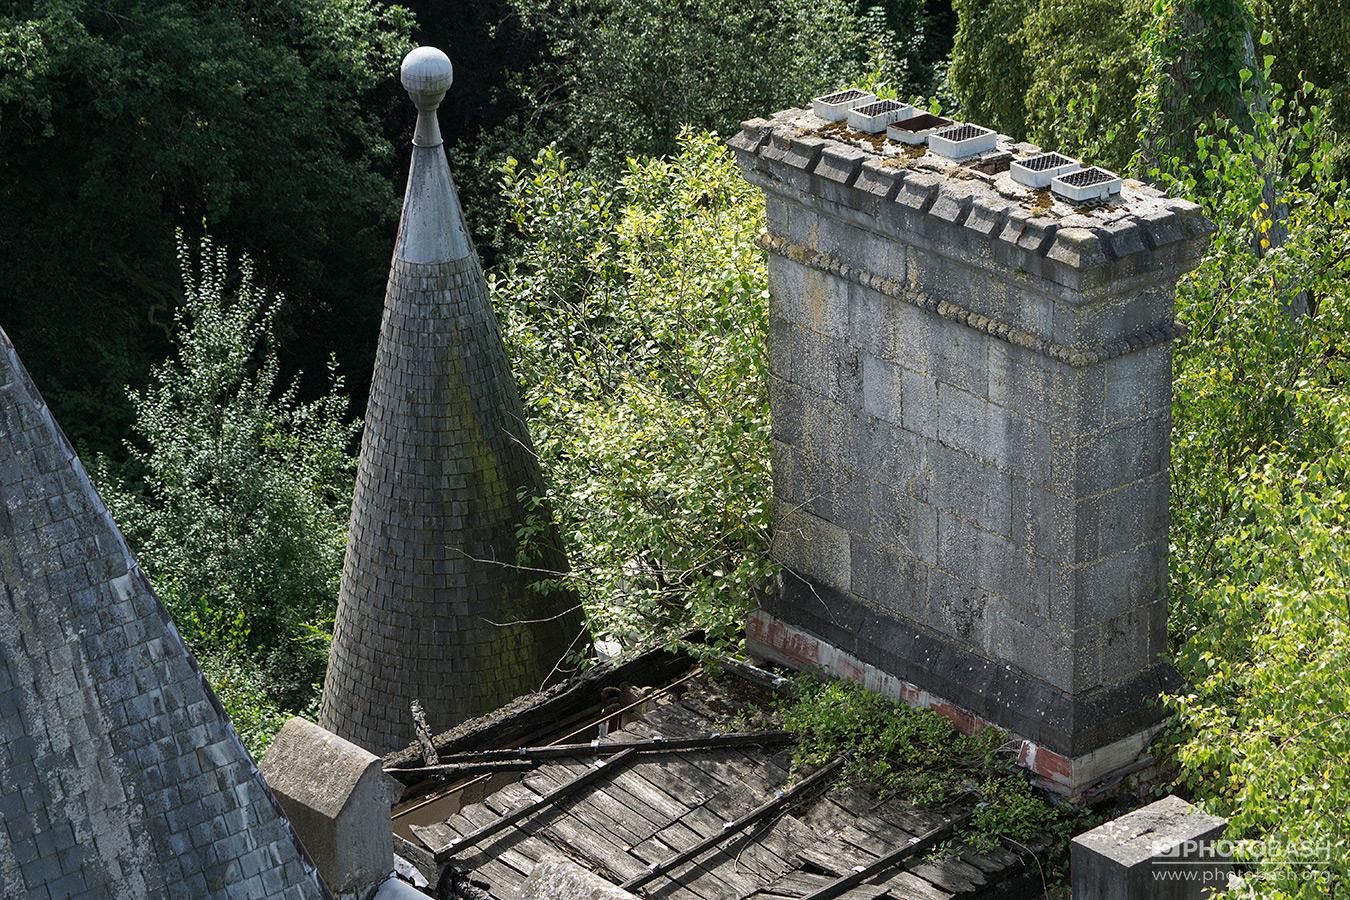 Overgrown-Castle-Rooftop-Chimney.jpg